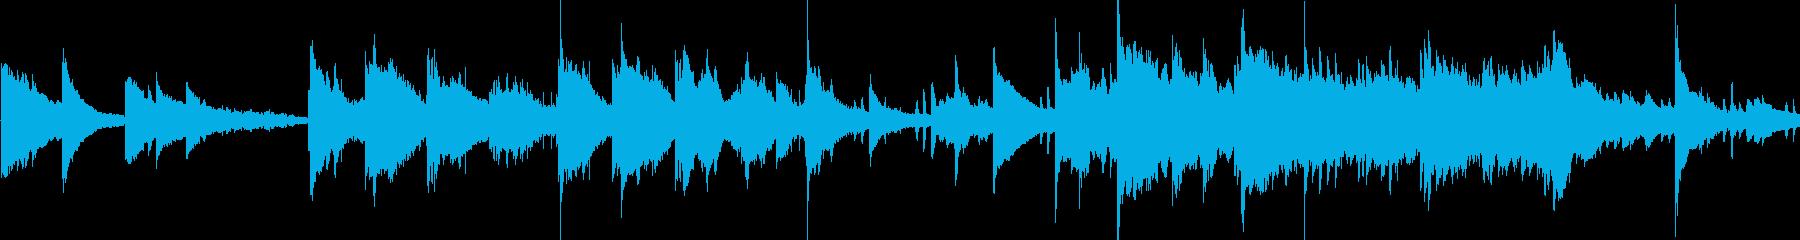 ゆったりとしたアンビエントなピアノ曲の再生済みの波形